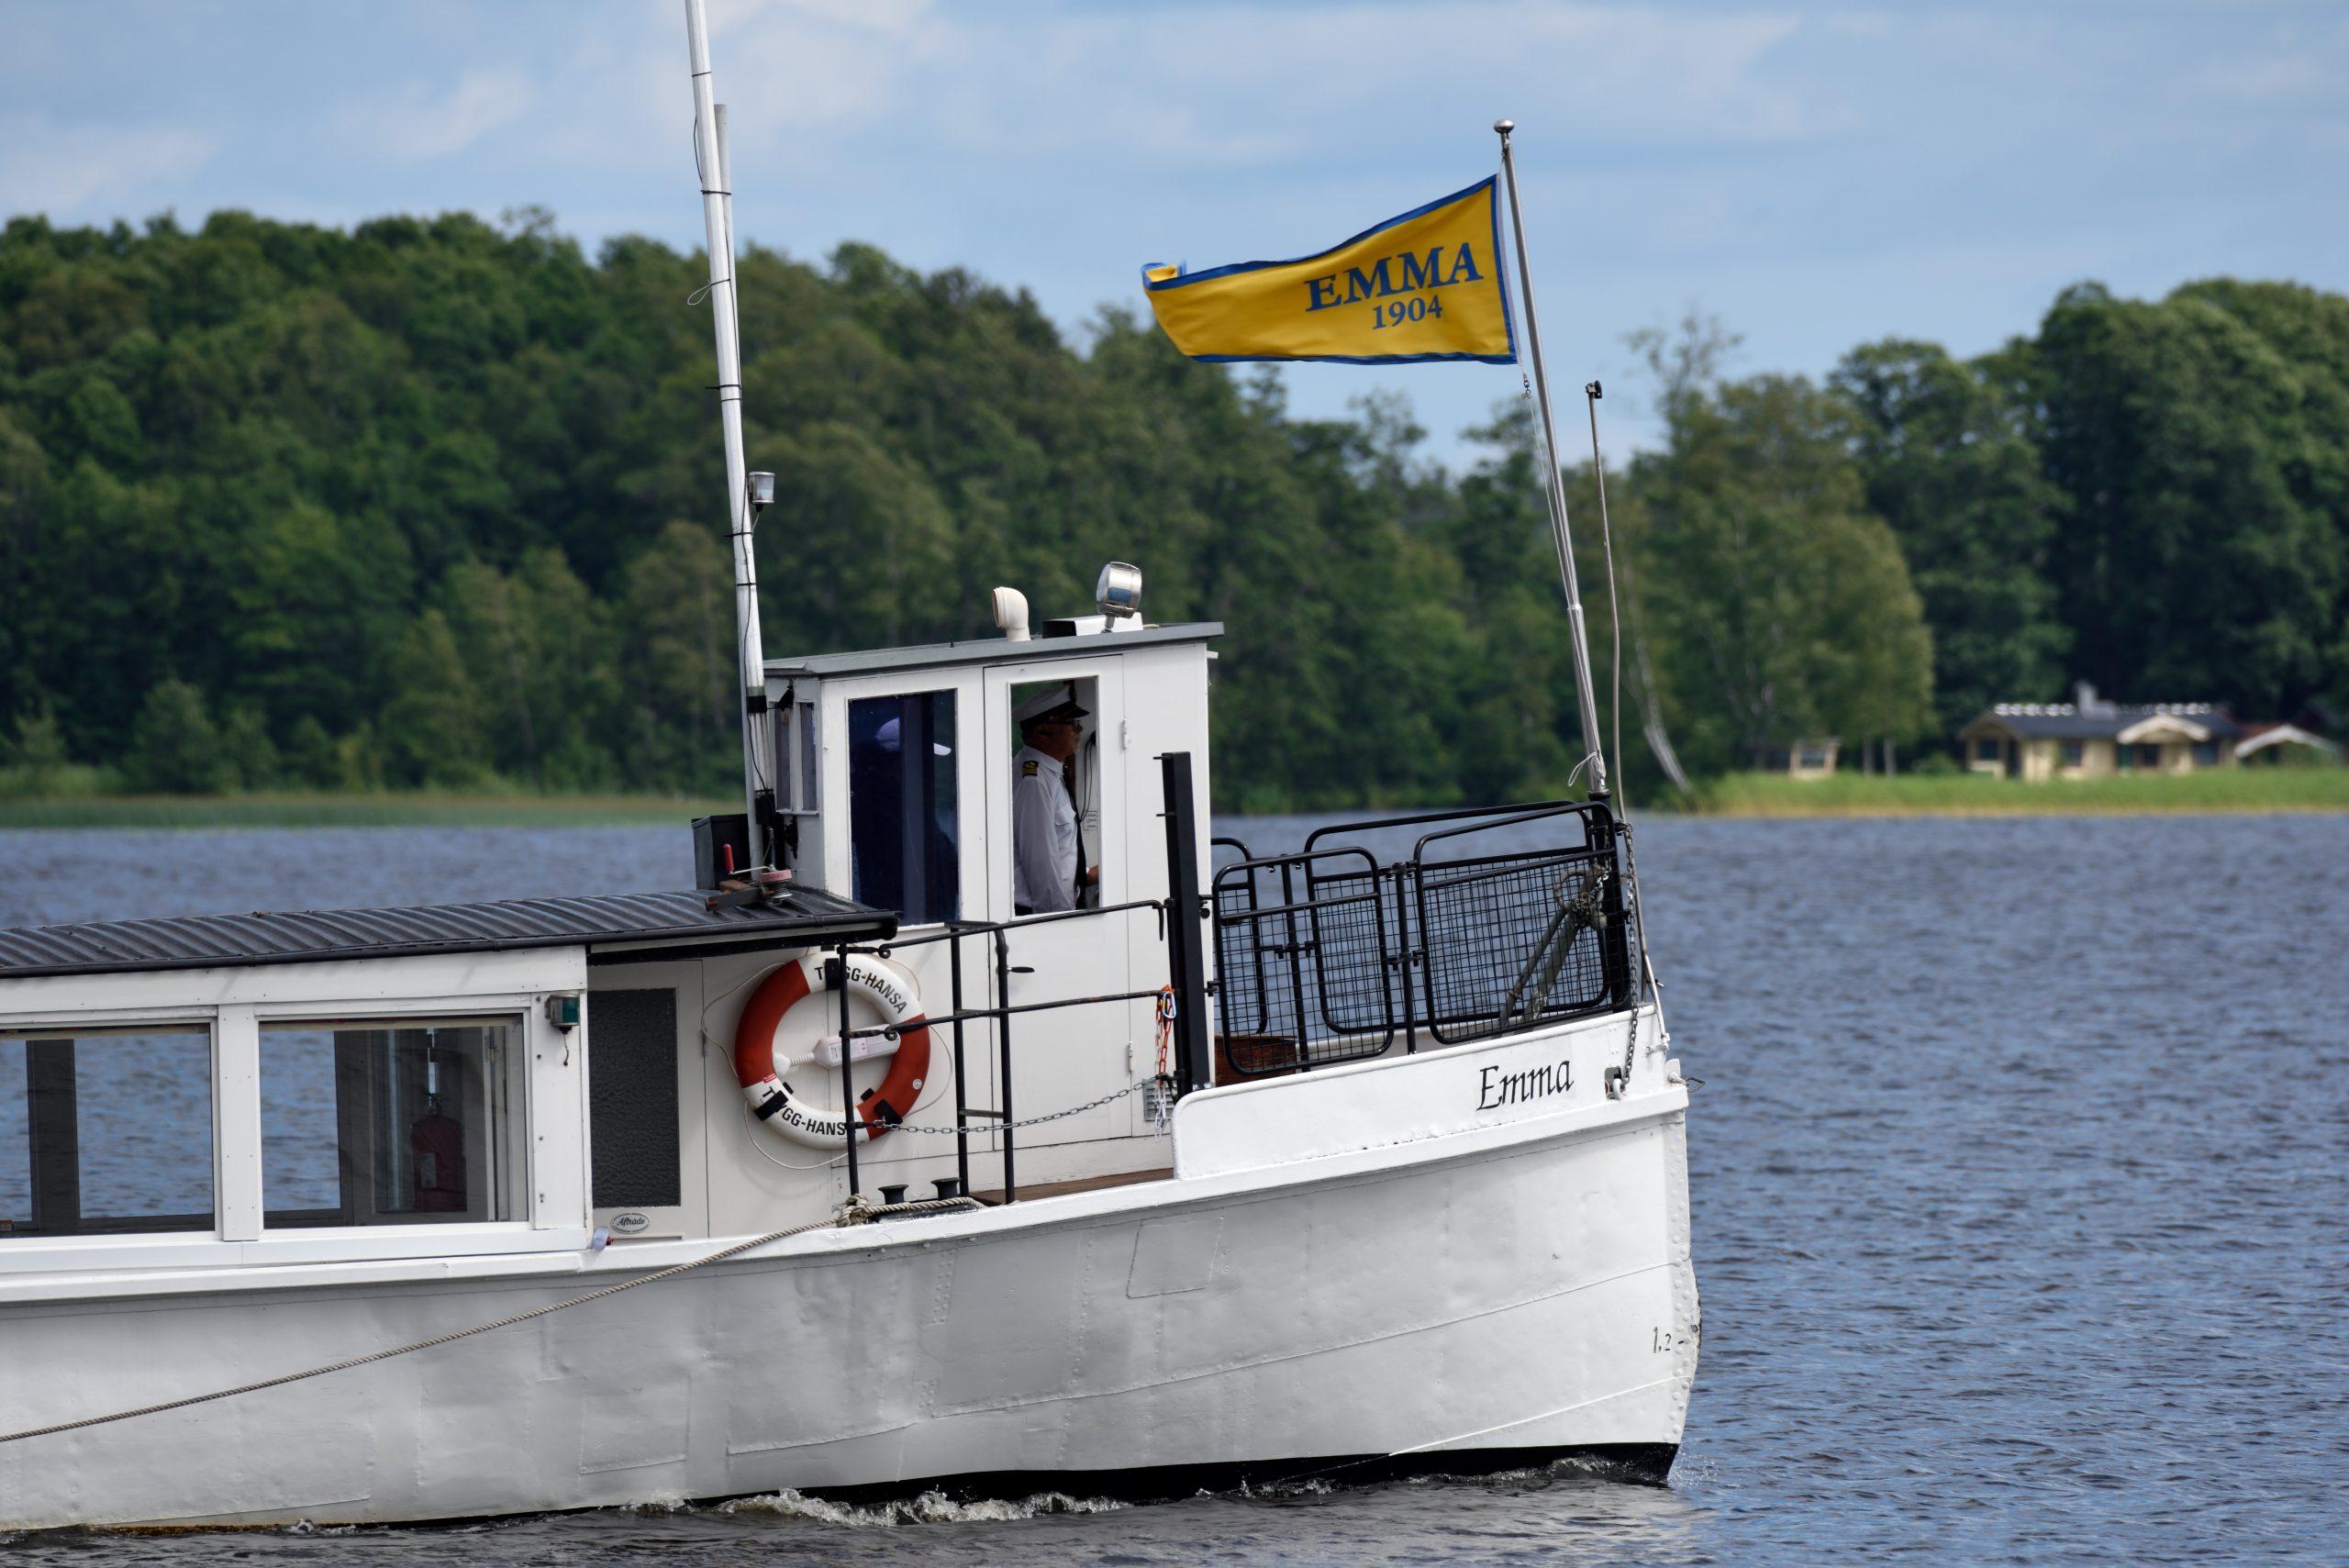 Emma båten i Sandviken